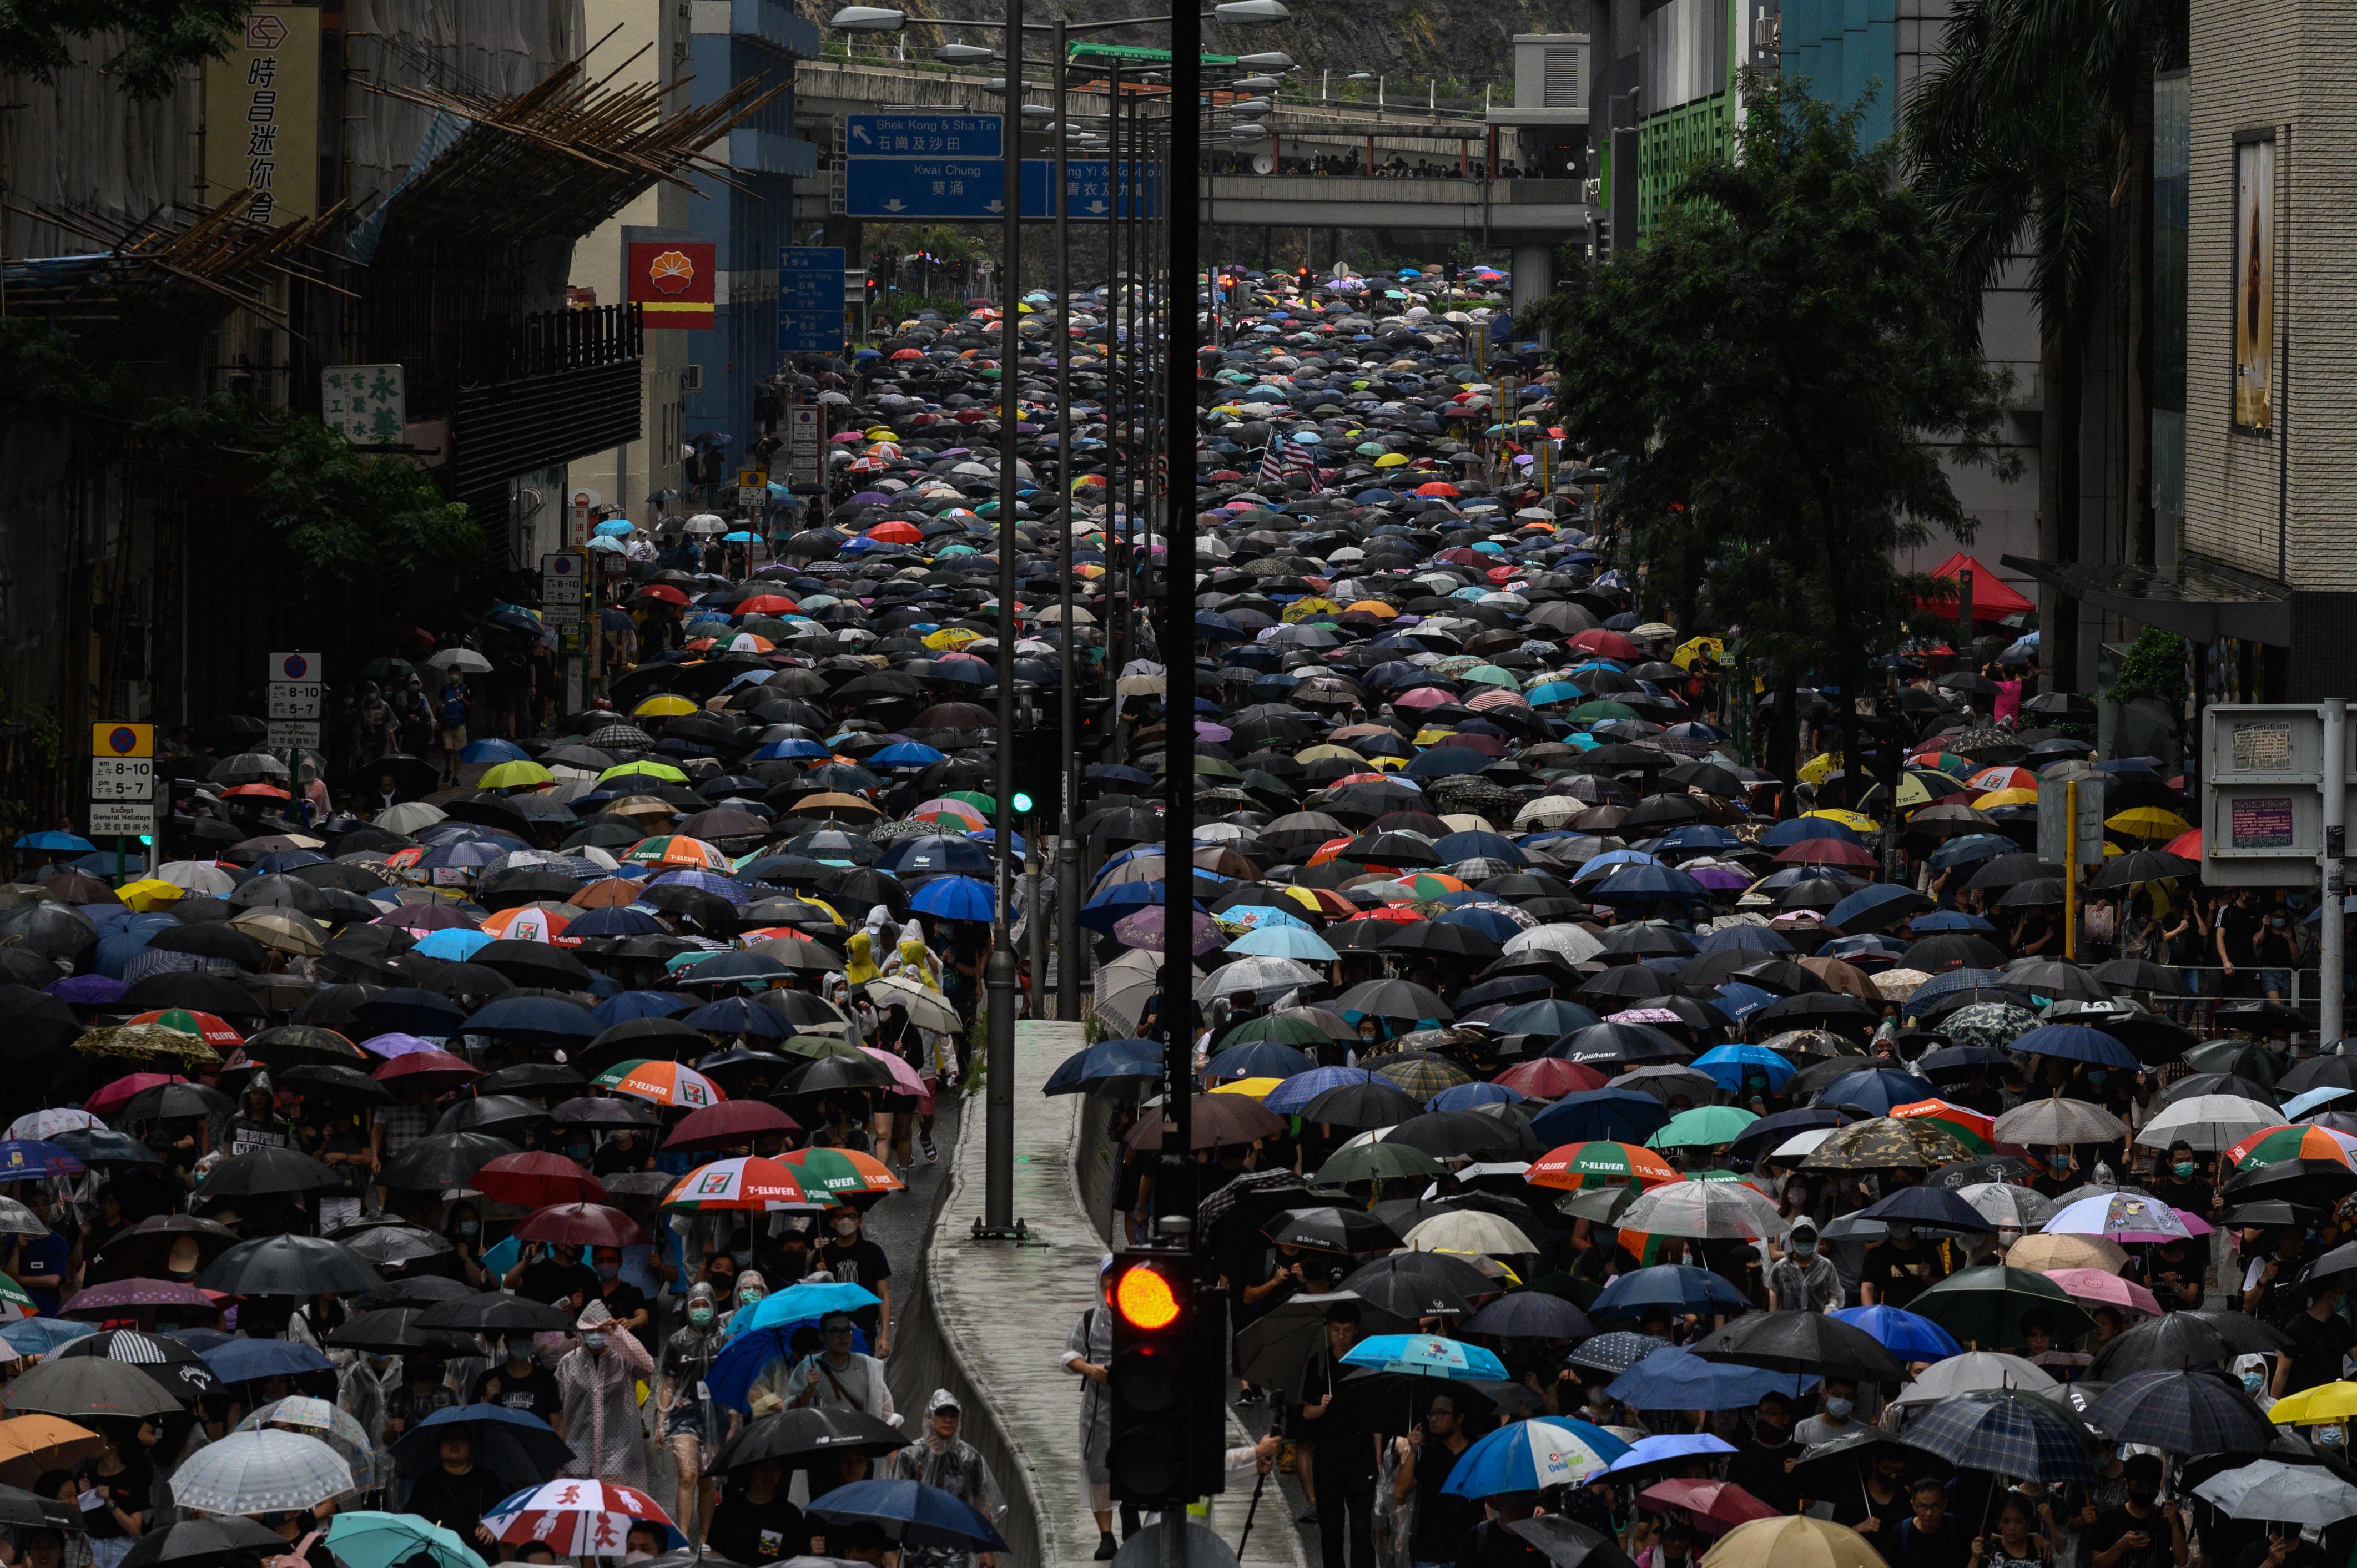 Ellenzéki aktivistákat tartóztattak le Hongkongban a hétvégi tüntetések előtt